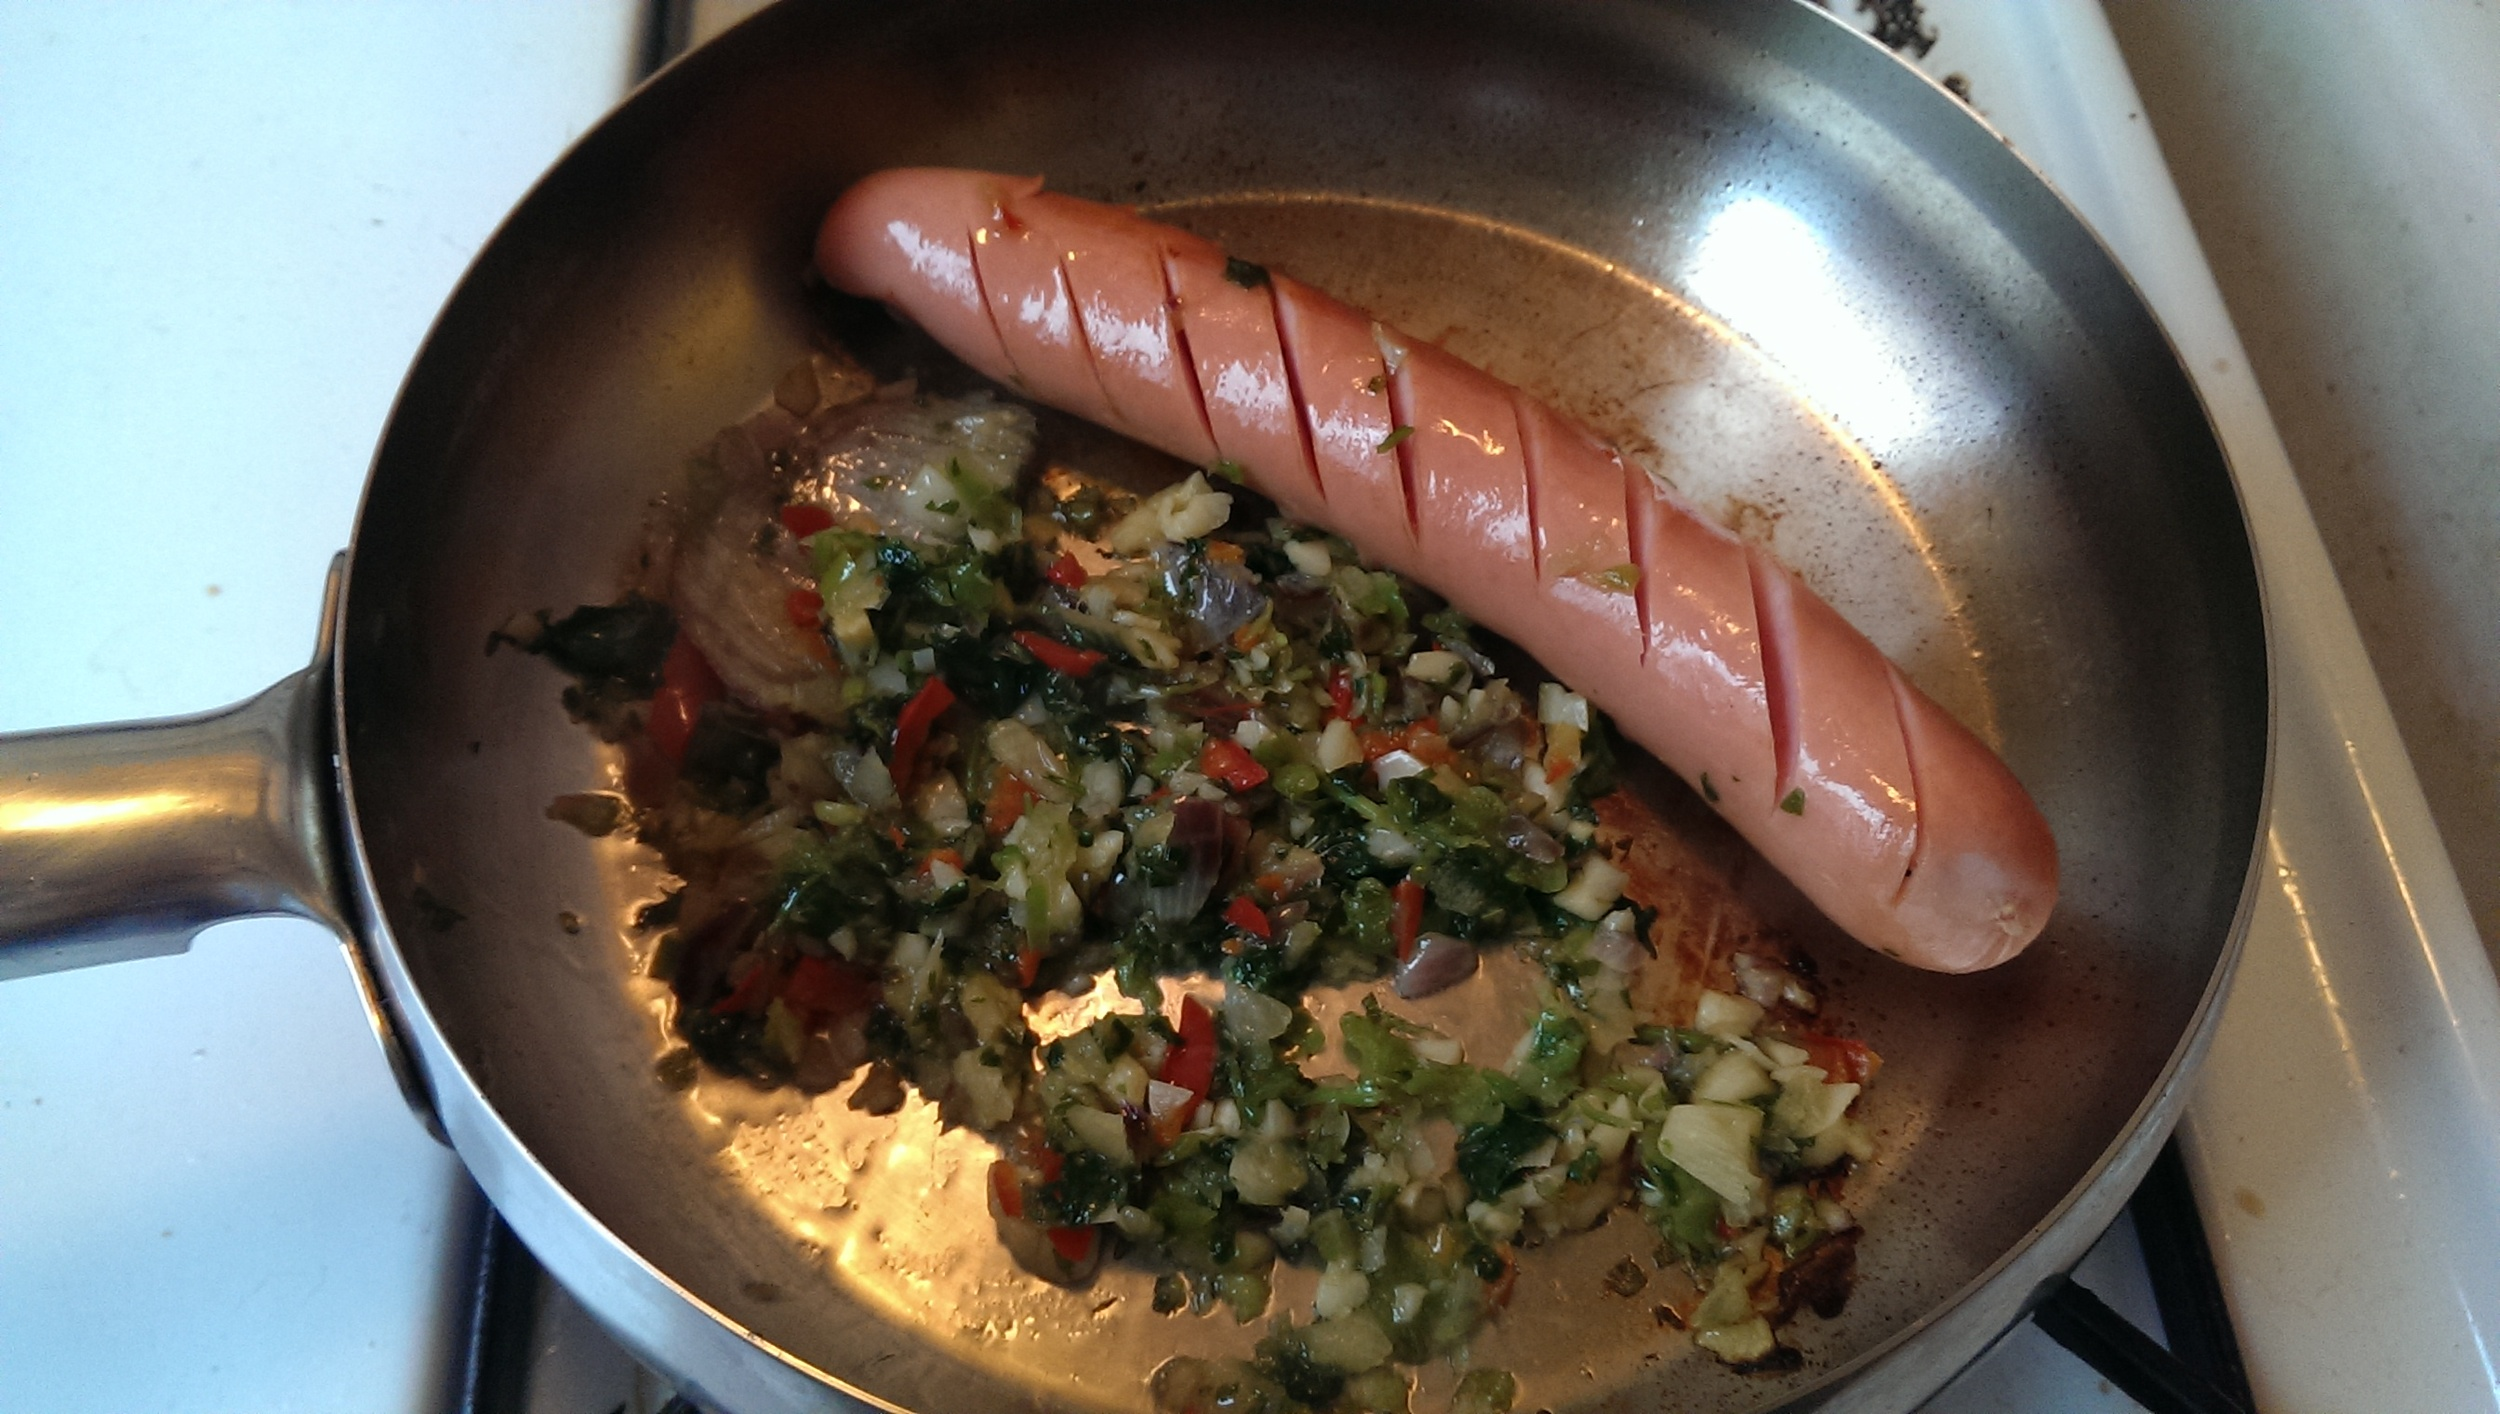 sunday hot dog 2